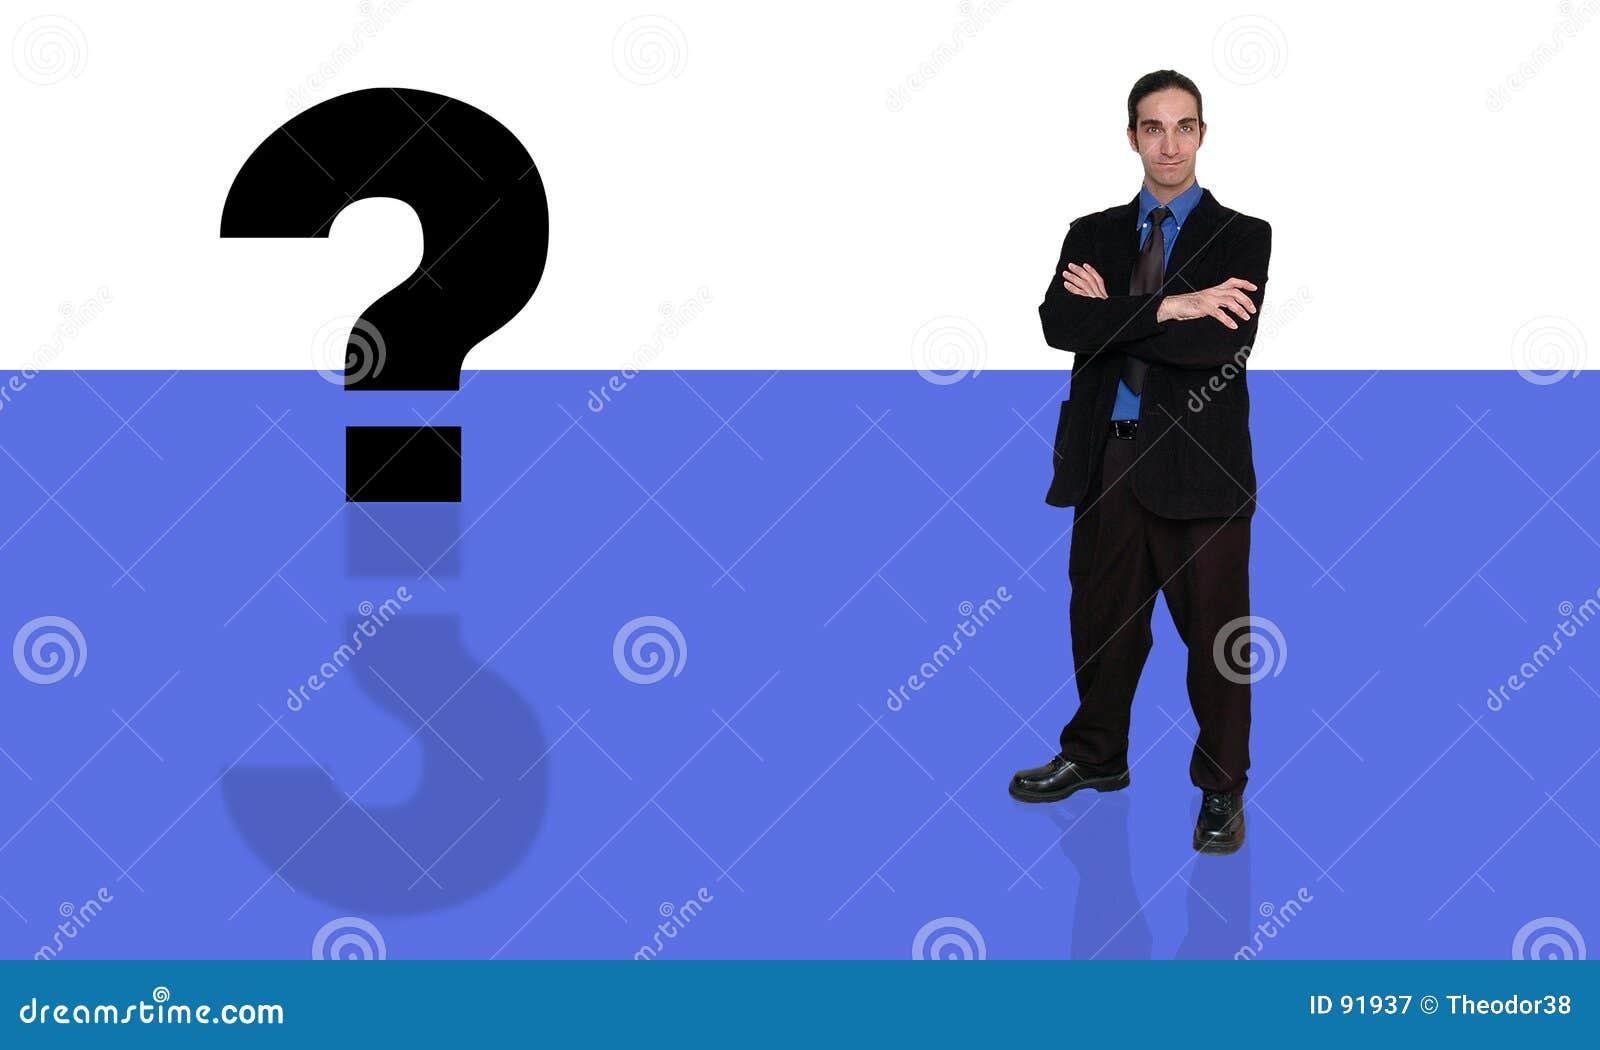 вопрос о 10 бизнесменов